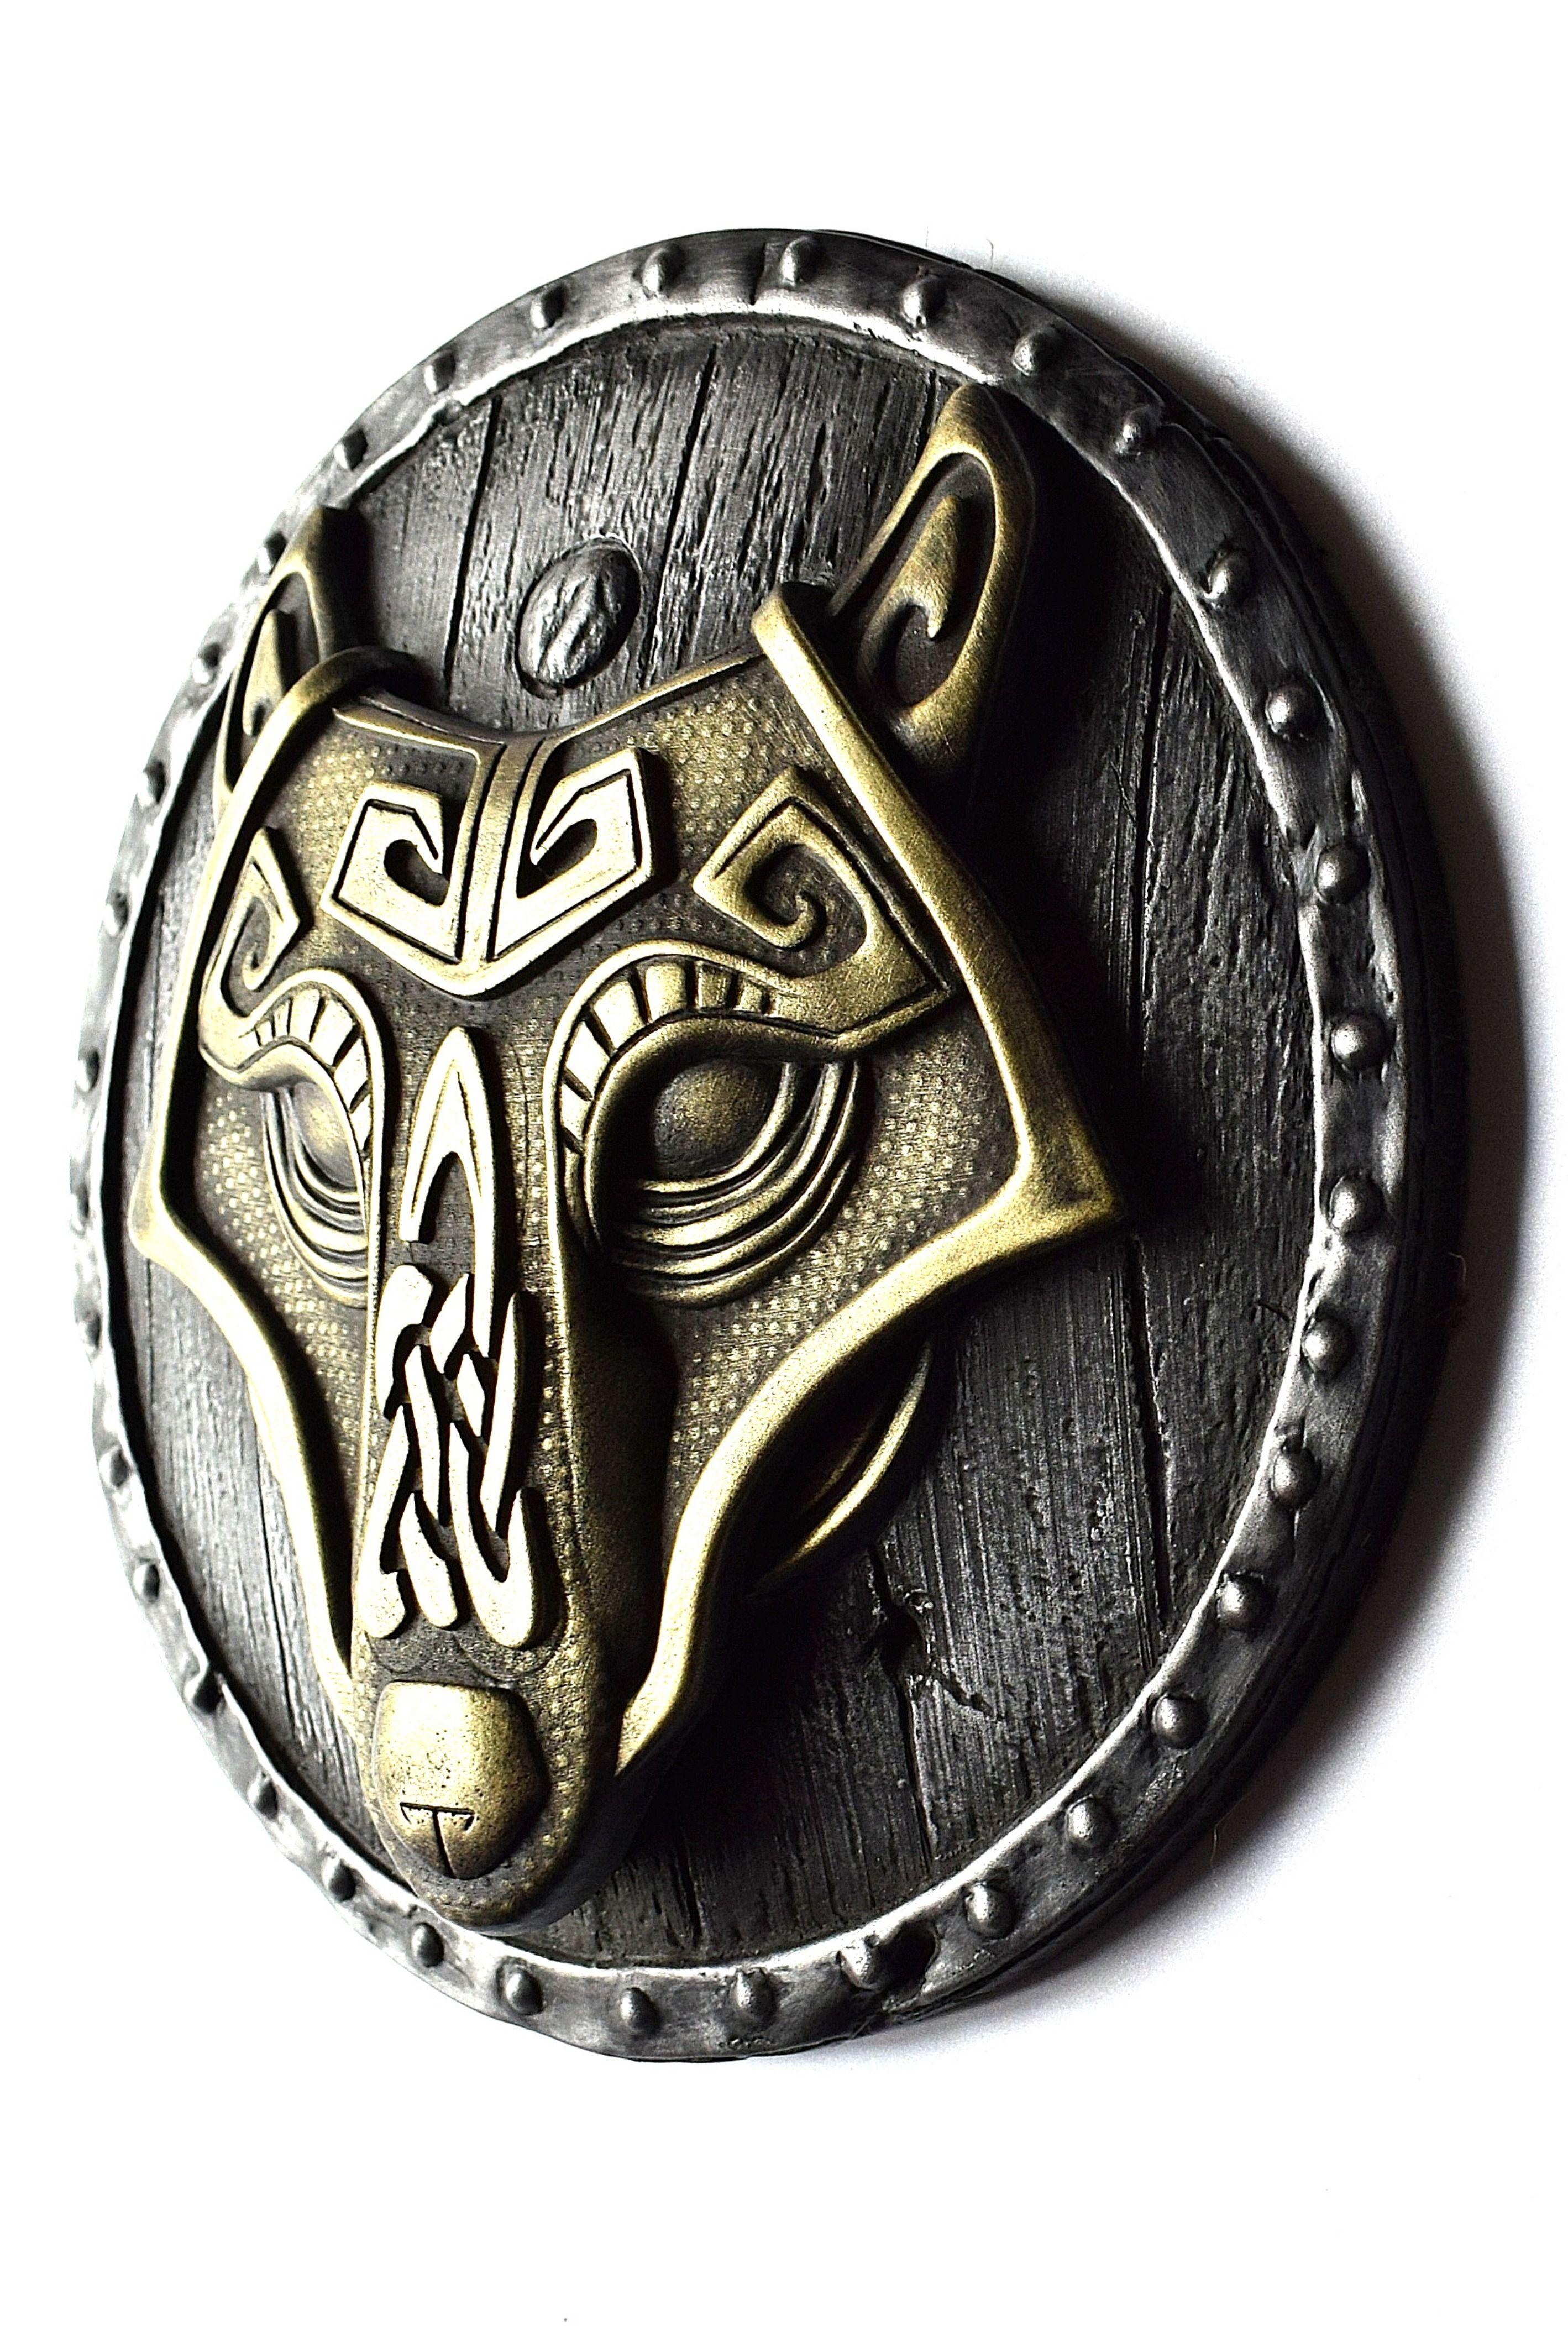 Wall Mount Relief Art Home Decor Boyfriend Gift Viking Decor Odins Ravens Huginn Muninn Norse  Celtic Knotwork Bronze Sculpture